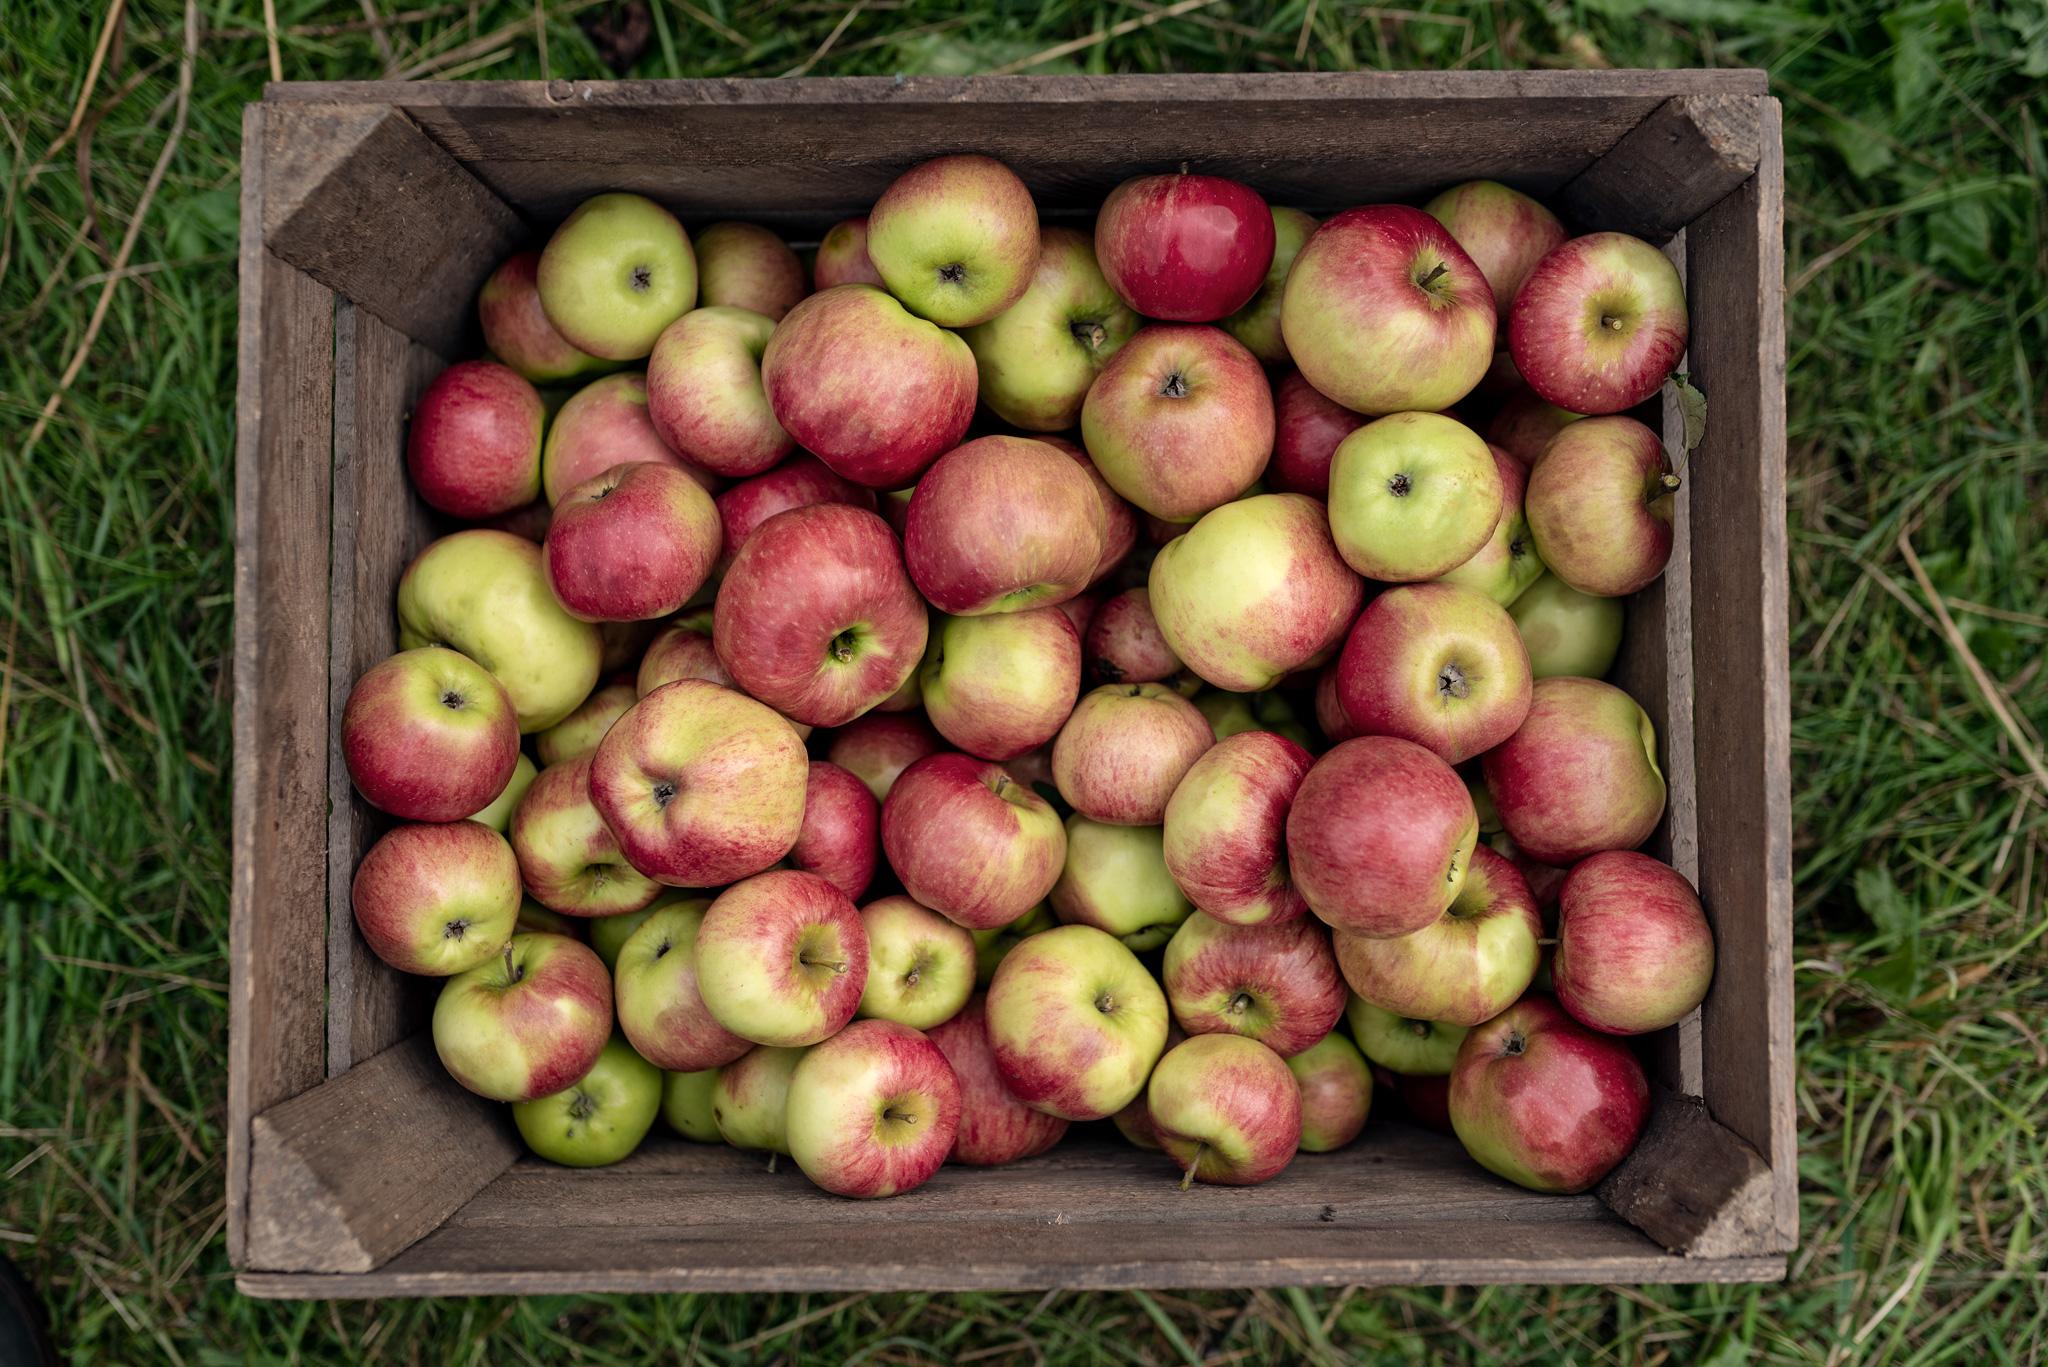 møn økologisk Æble-02.jpg